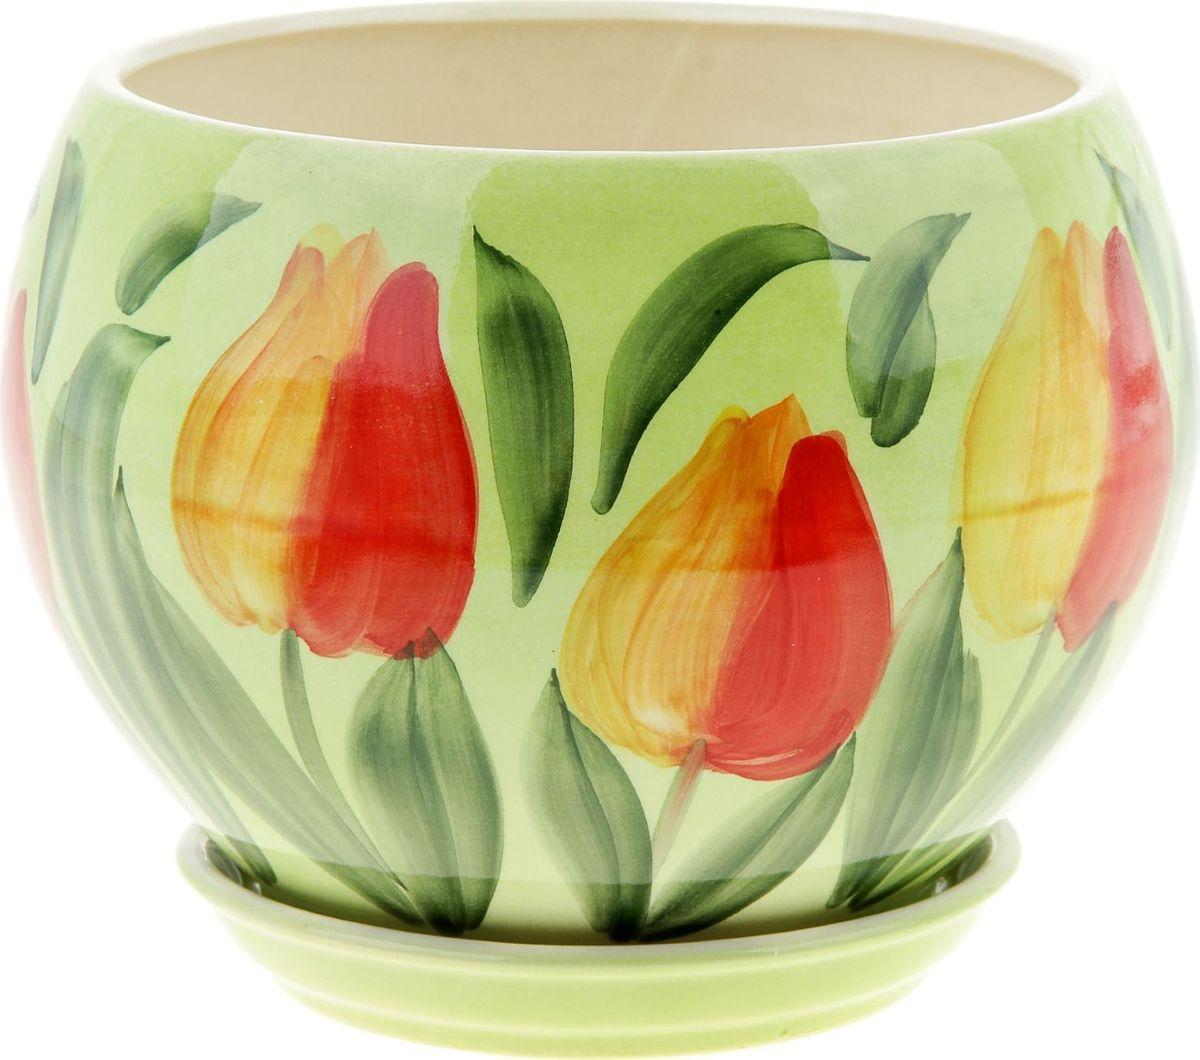 Кашпо Керамика ручной работы Шар. Тюльпан, цвет: красный, 4,1 л830Комнатные растения — всеобщие любимцы. Они радуют глаз, насыщают помещение кислородом и украшают пространство. Каждому из них необходим свой удобный и красивый дом. Кашпо из керамики прекрасно подходят для высадки растений: за счет пластичности глины и разных способов обработки существует великое множество форм и дизайнов пористый материал позволяет испаряться лишней влаге воздух, необходимый для дыхания корней, проникает сквозь керамические стенки! позаботится о зеленом питомце, освежит интерьер и подчеркнет его стиль.